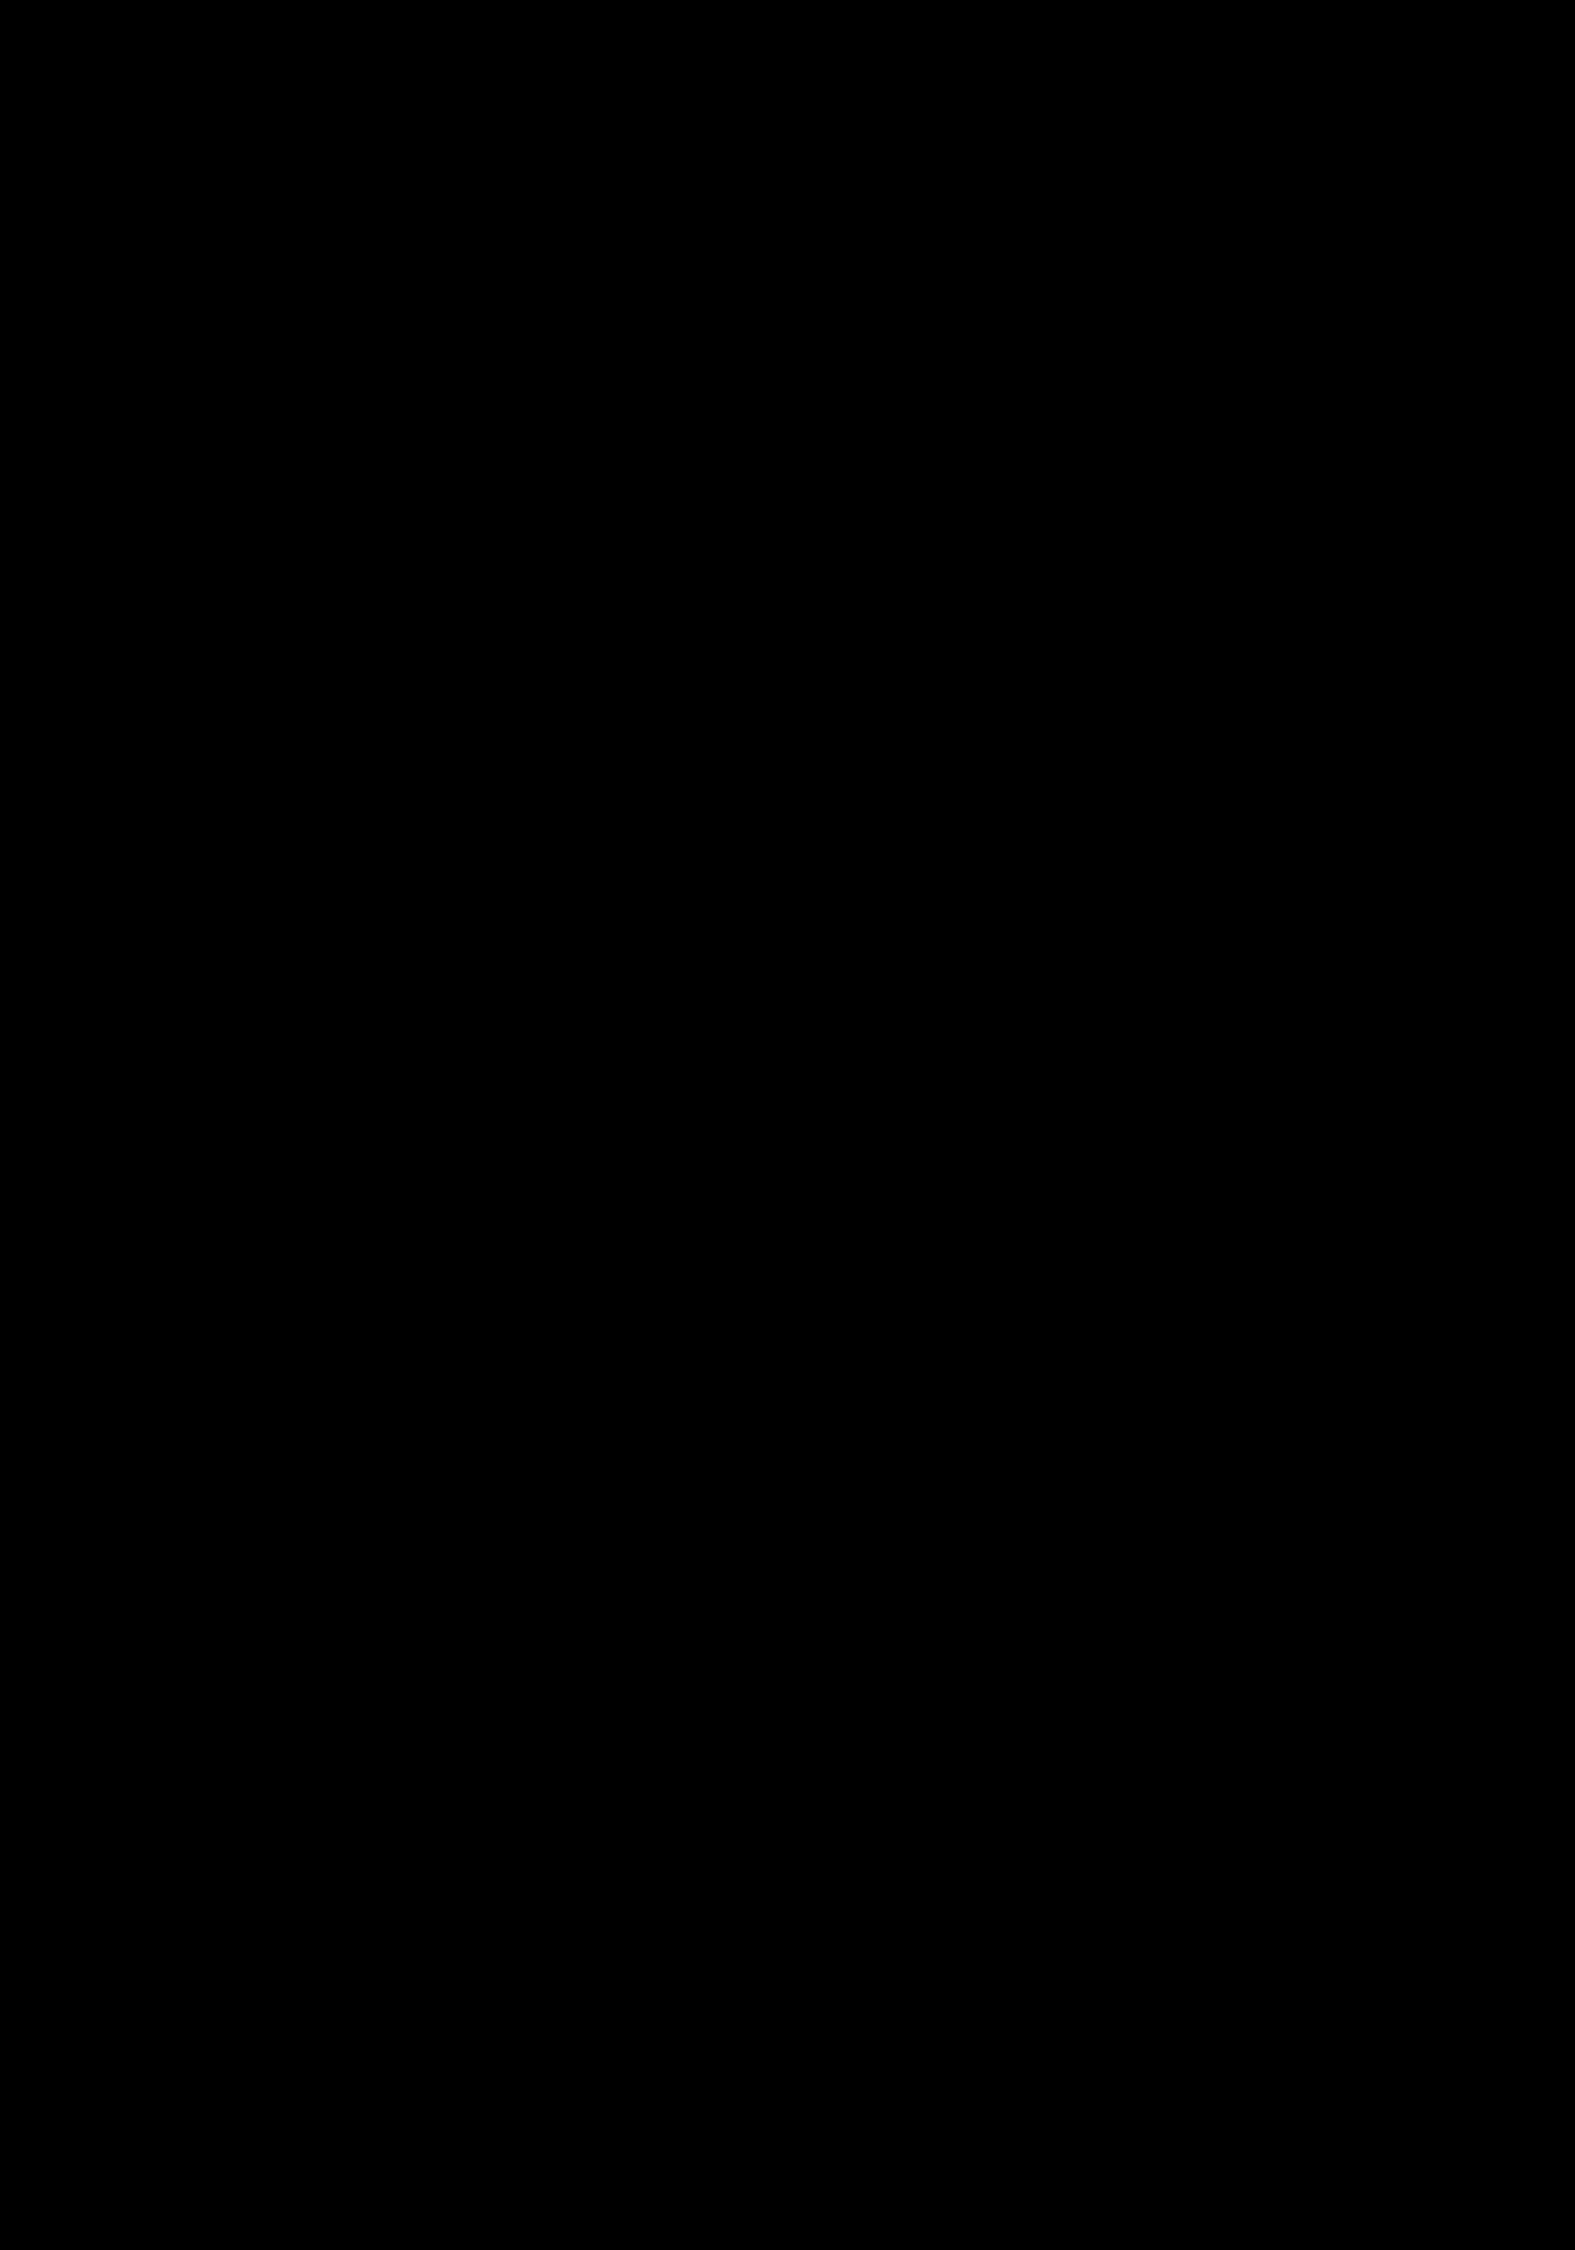 c12p30.jpg